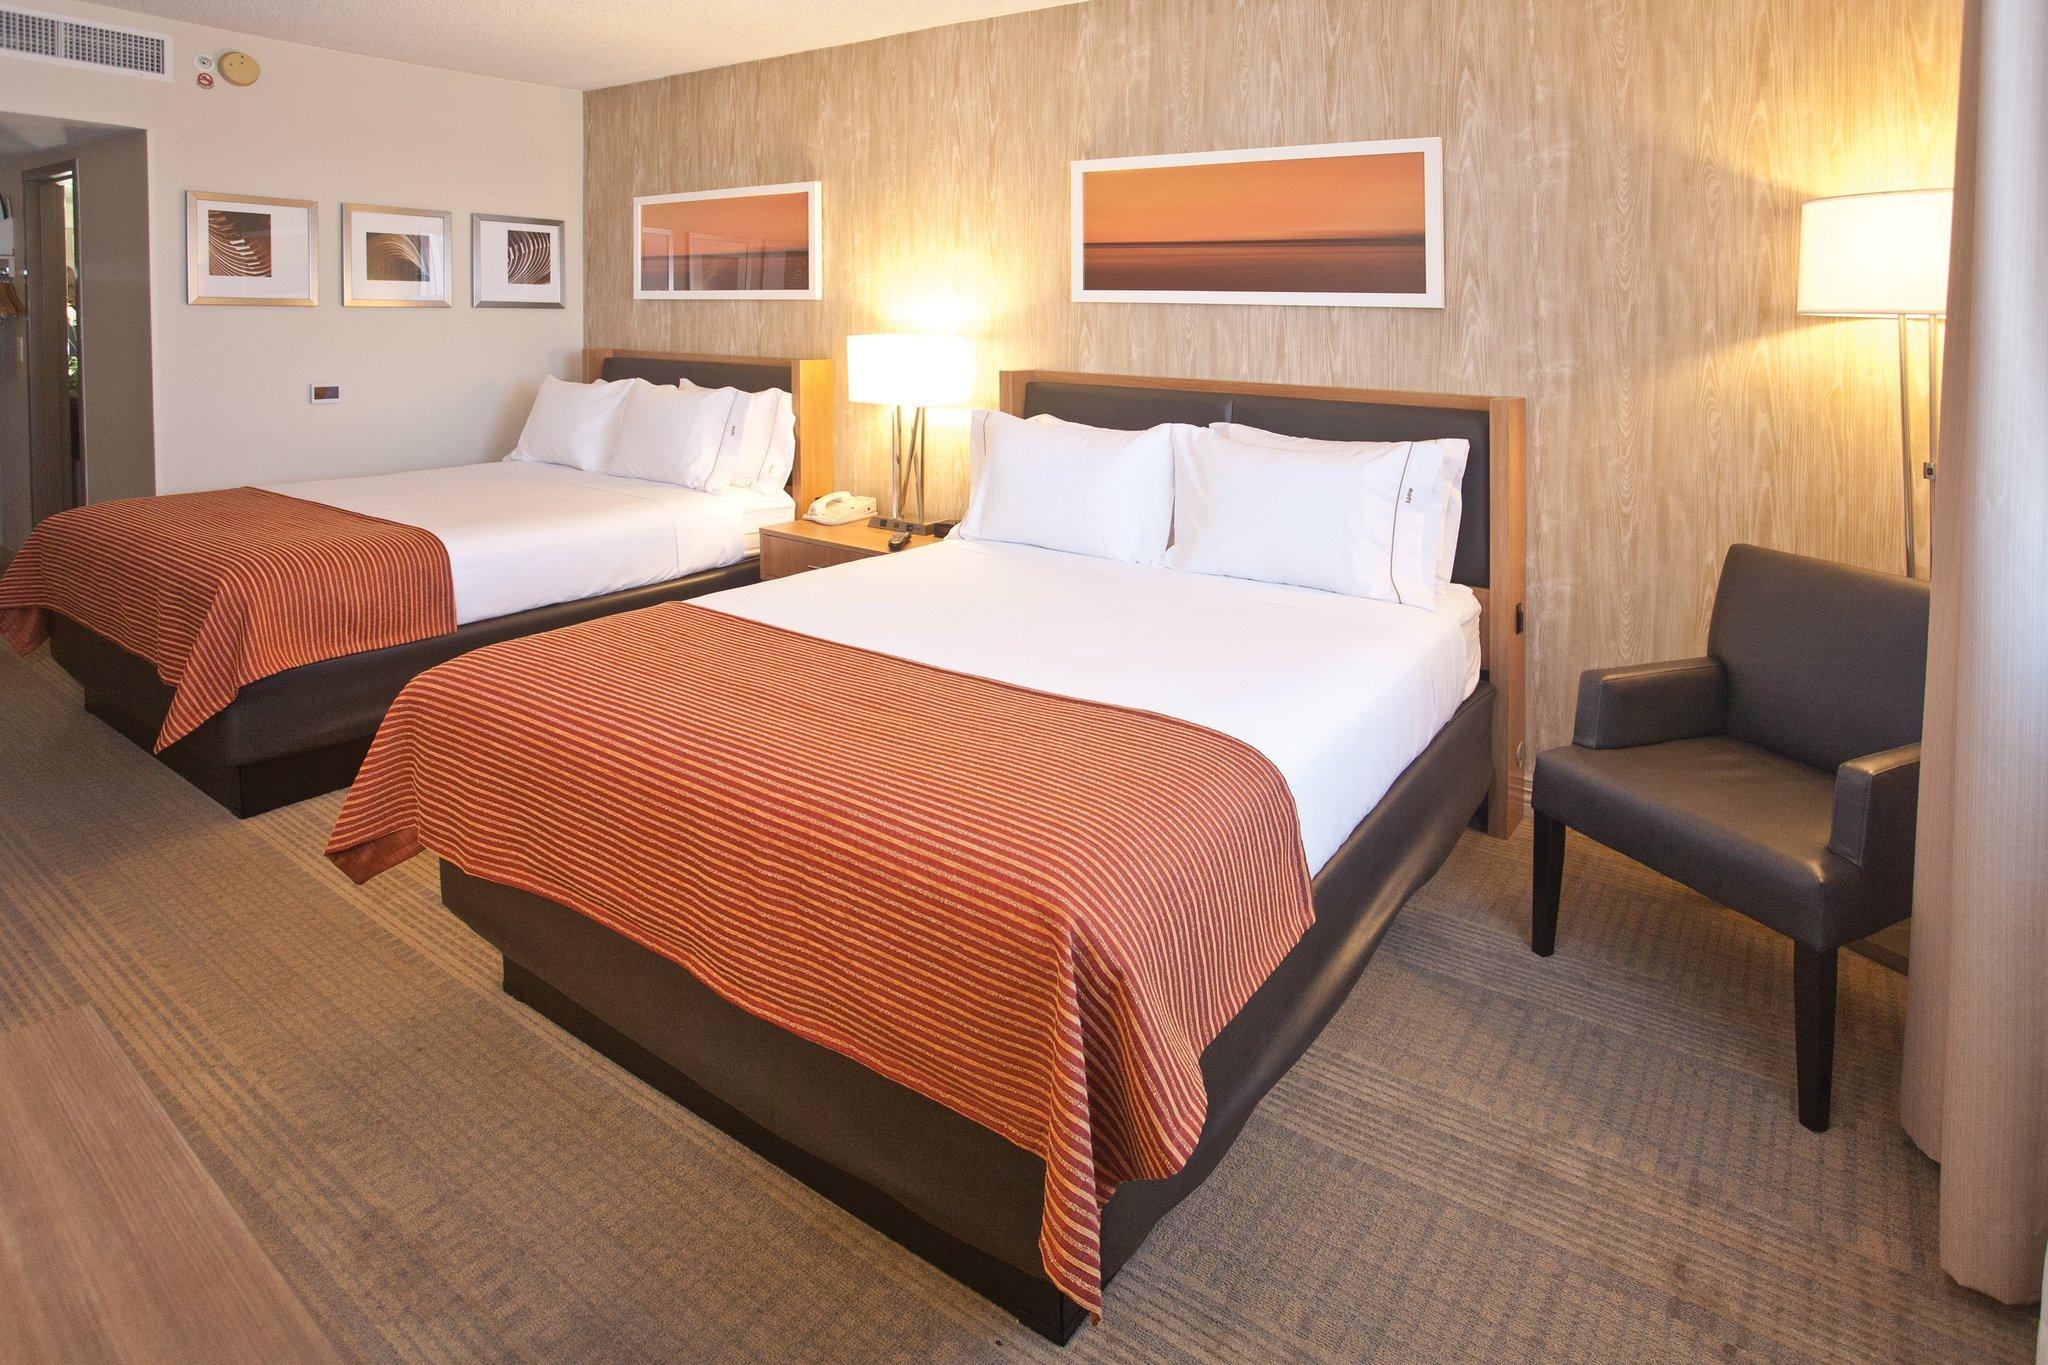 Holiday Inn Express San Francisco Airport South